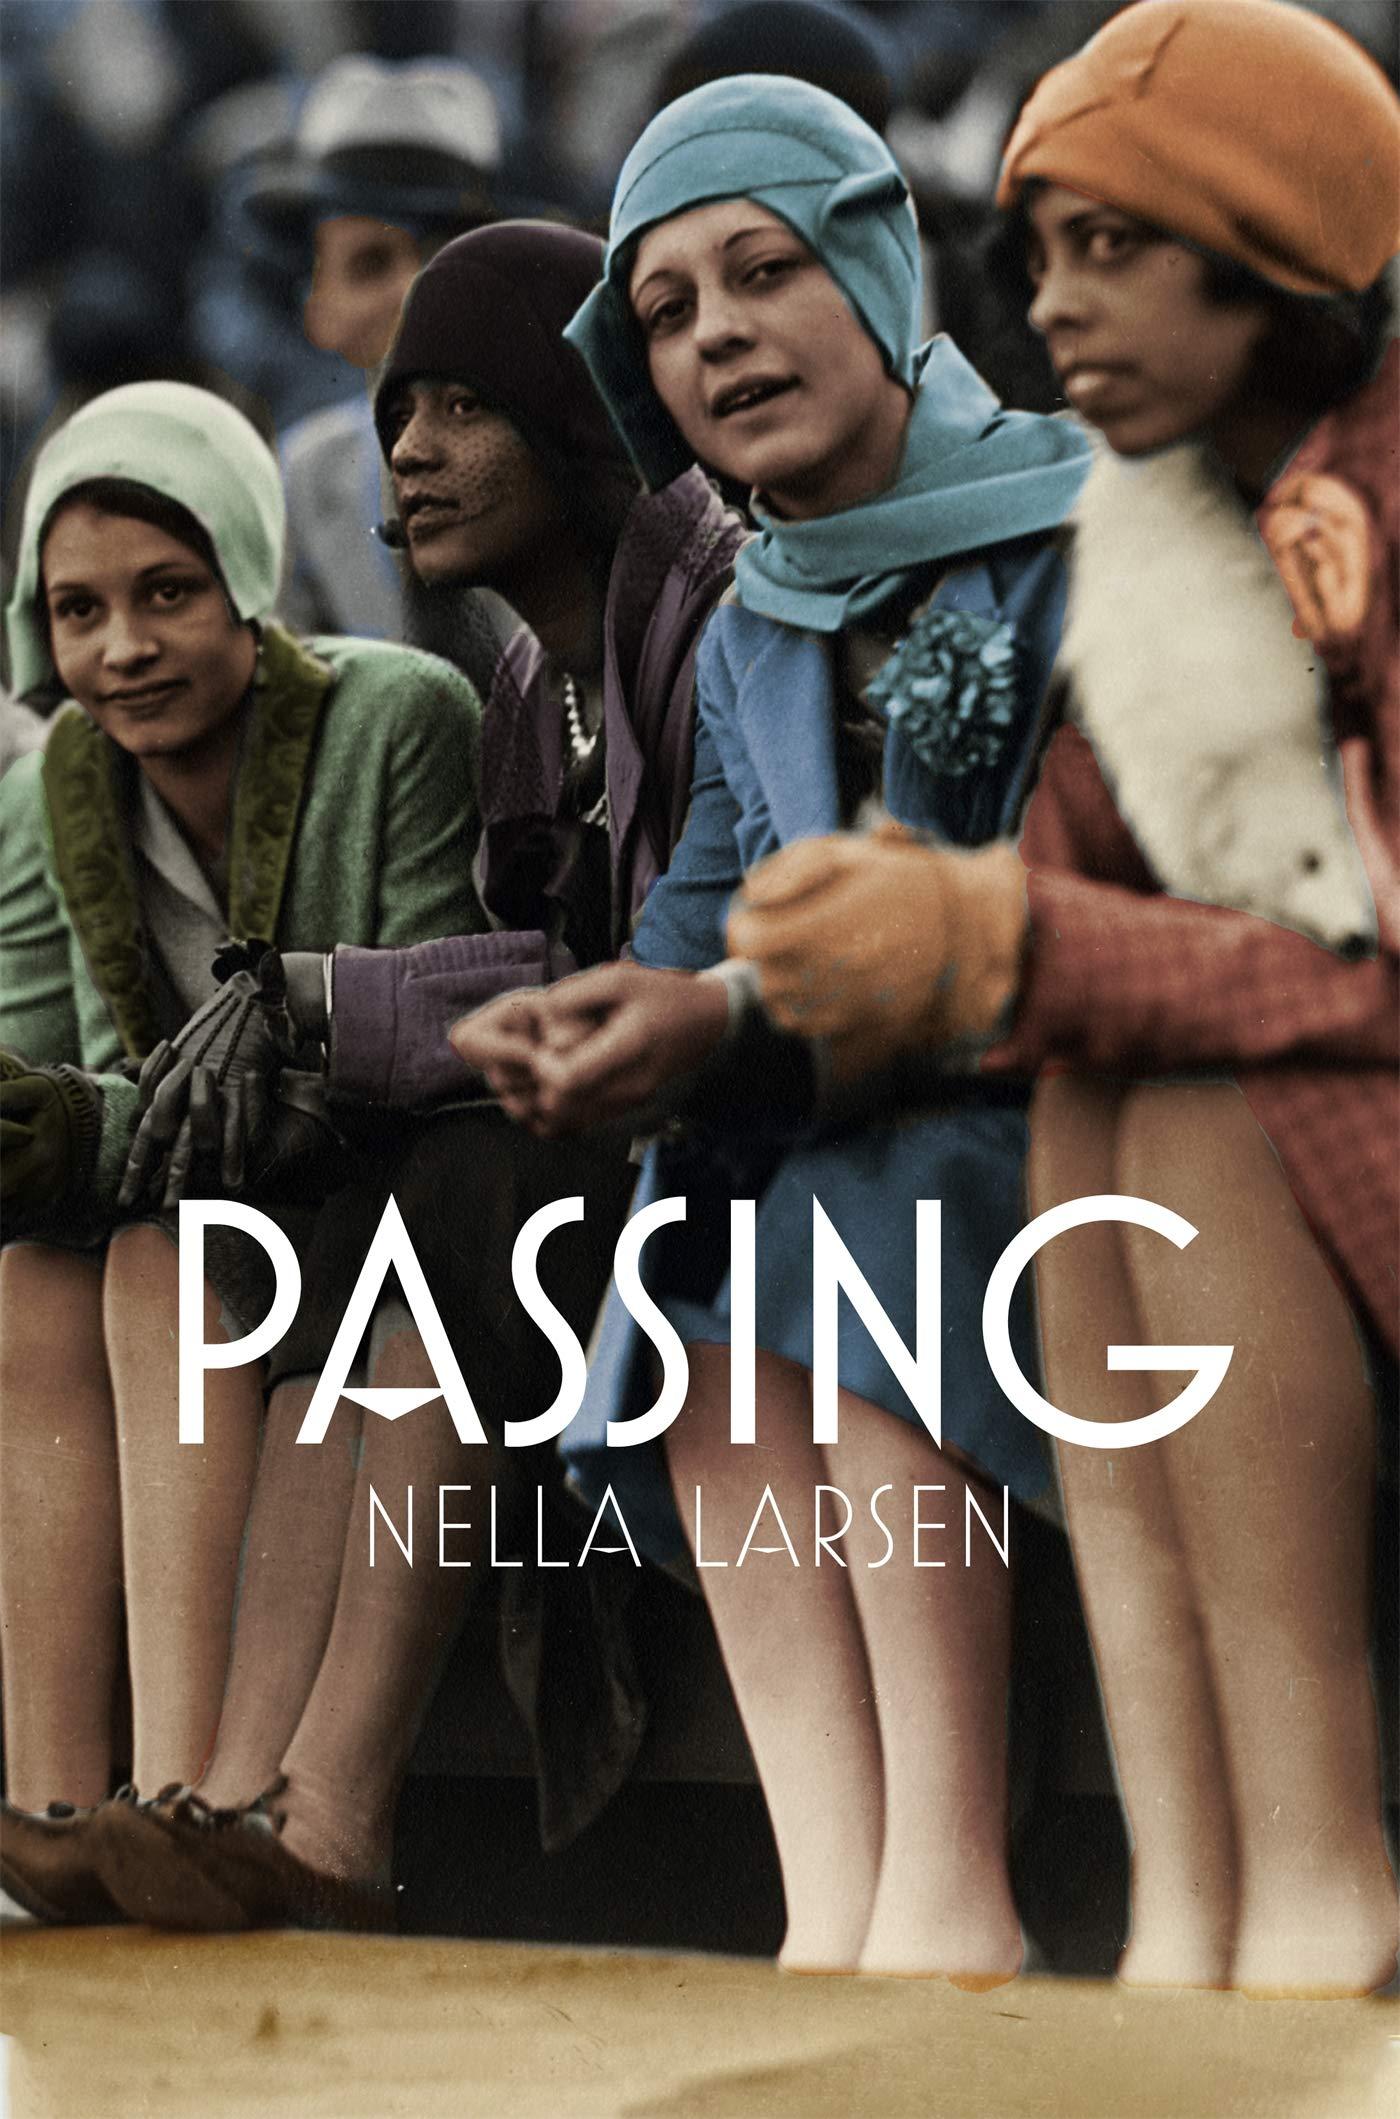 Amazon.com: Passing: Film Tie-In Edition (9781529047974): Larsen, Nella,  Vogelius, Christa Holm: Books